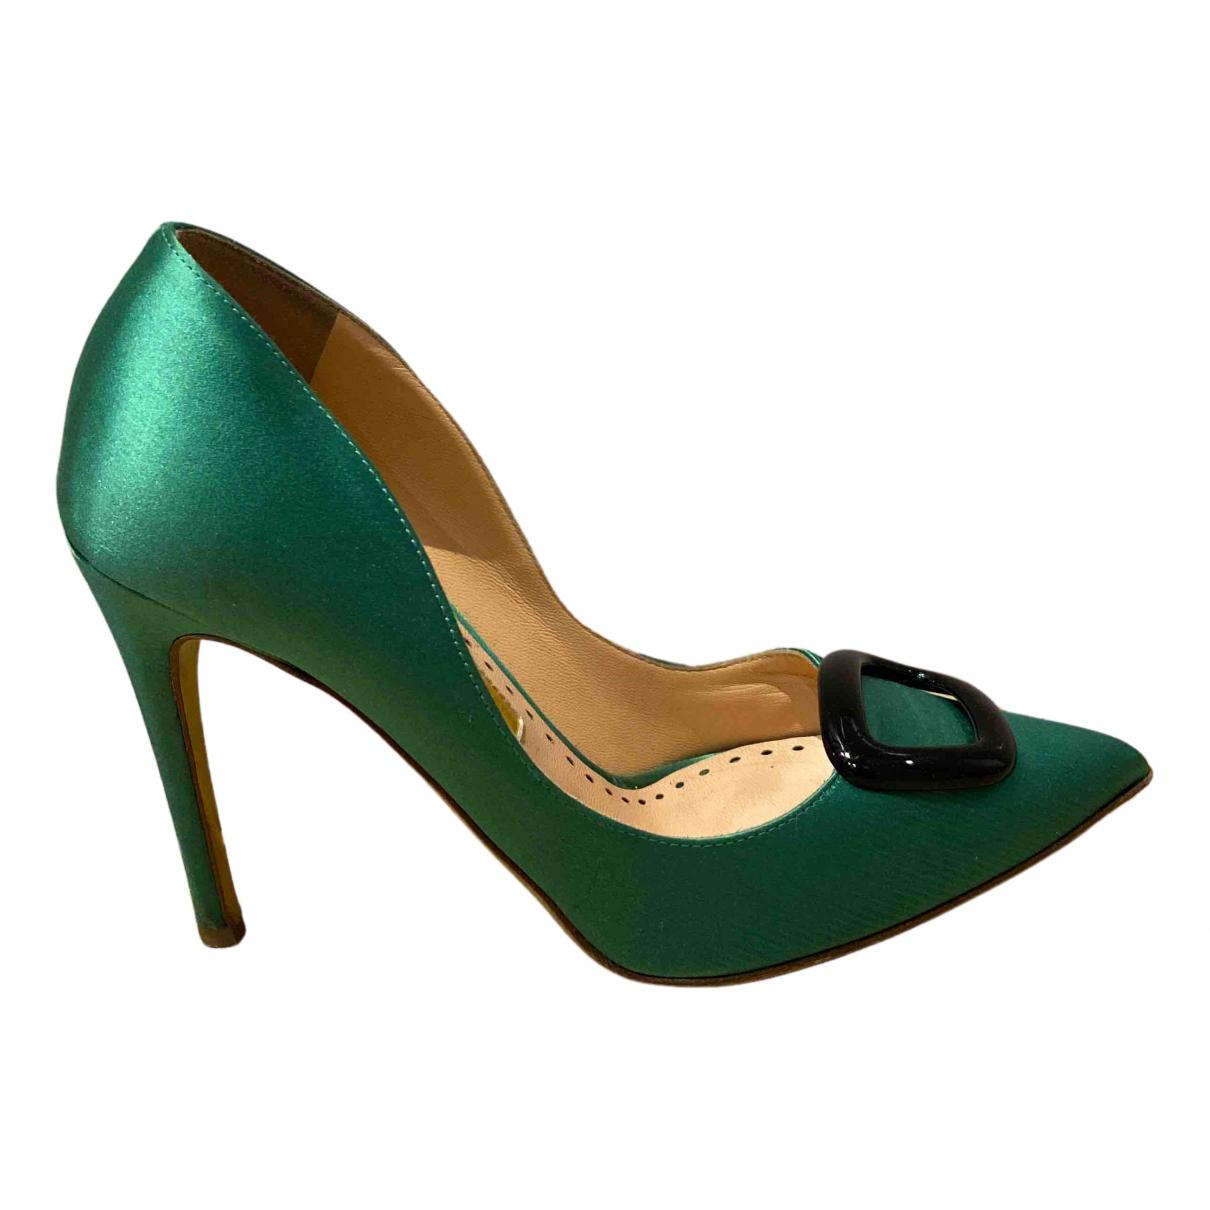 Rupert Sanderson N Green Cloth Heels for Women 37 EU